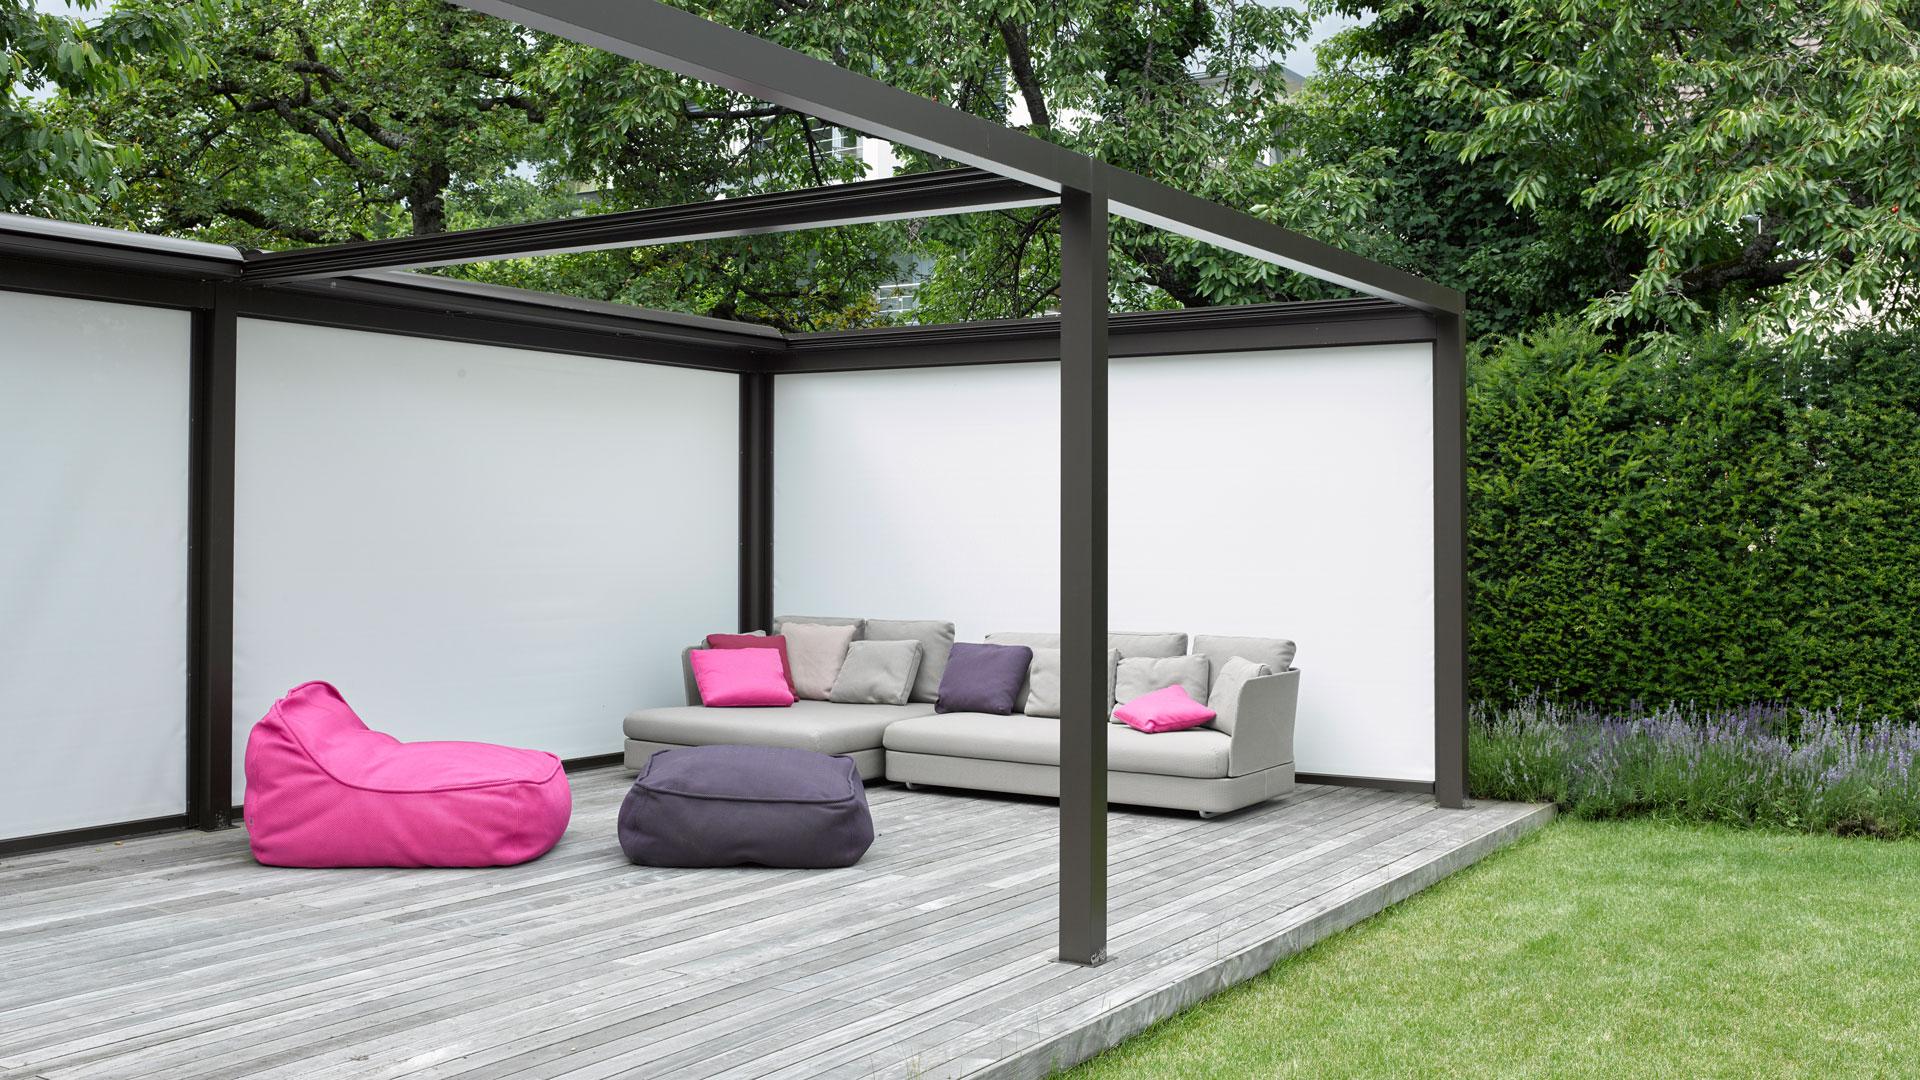 velero lounge beschattung 01 - Sonnenschutz für Freisitz und Garten